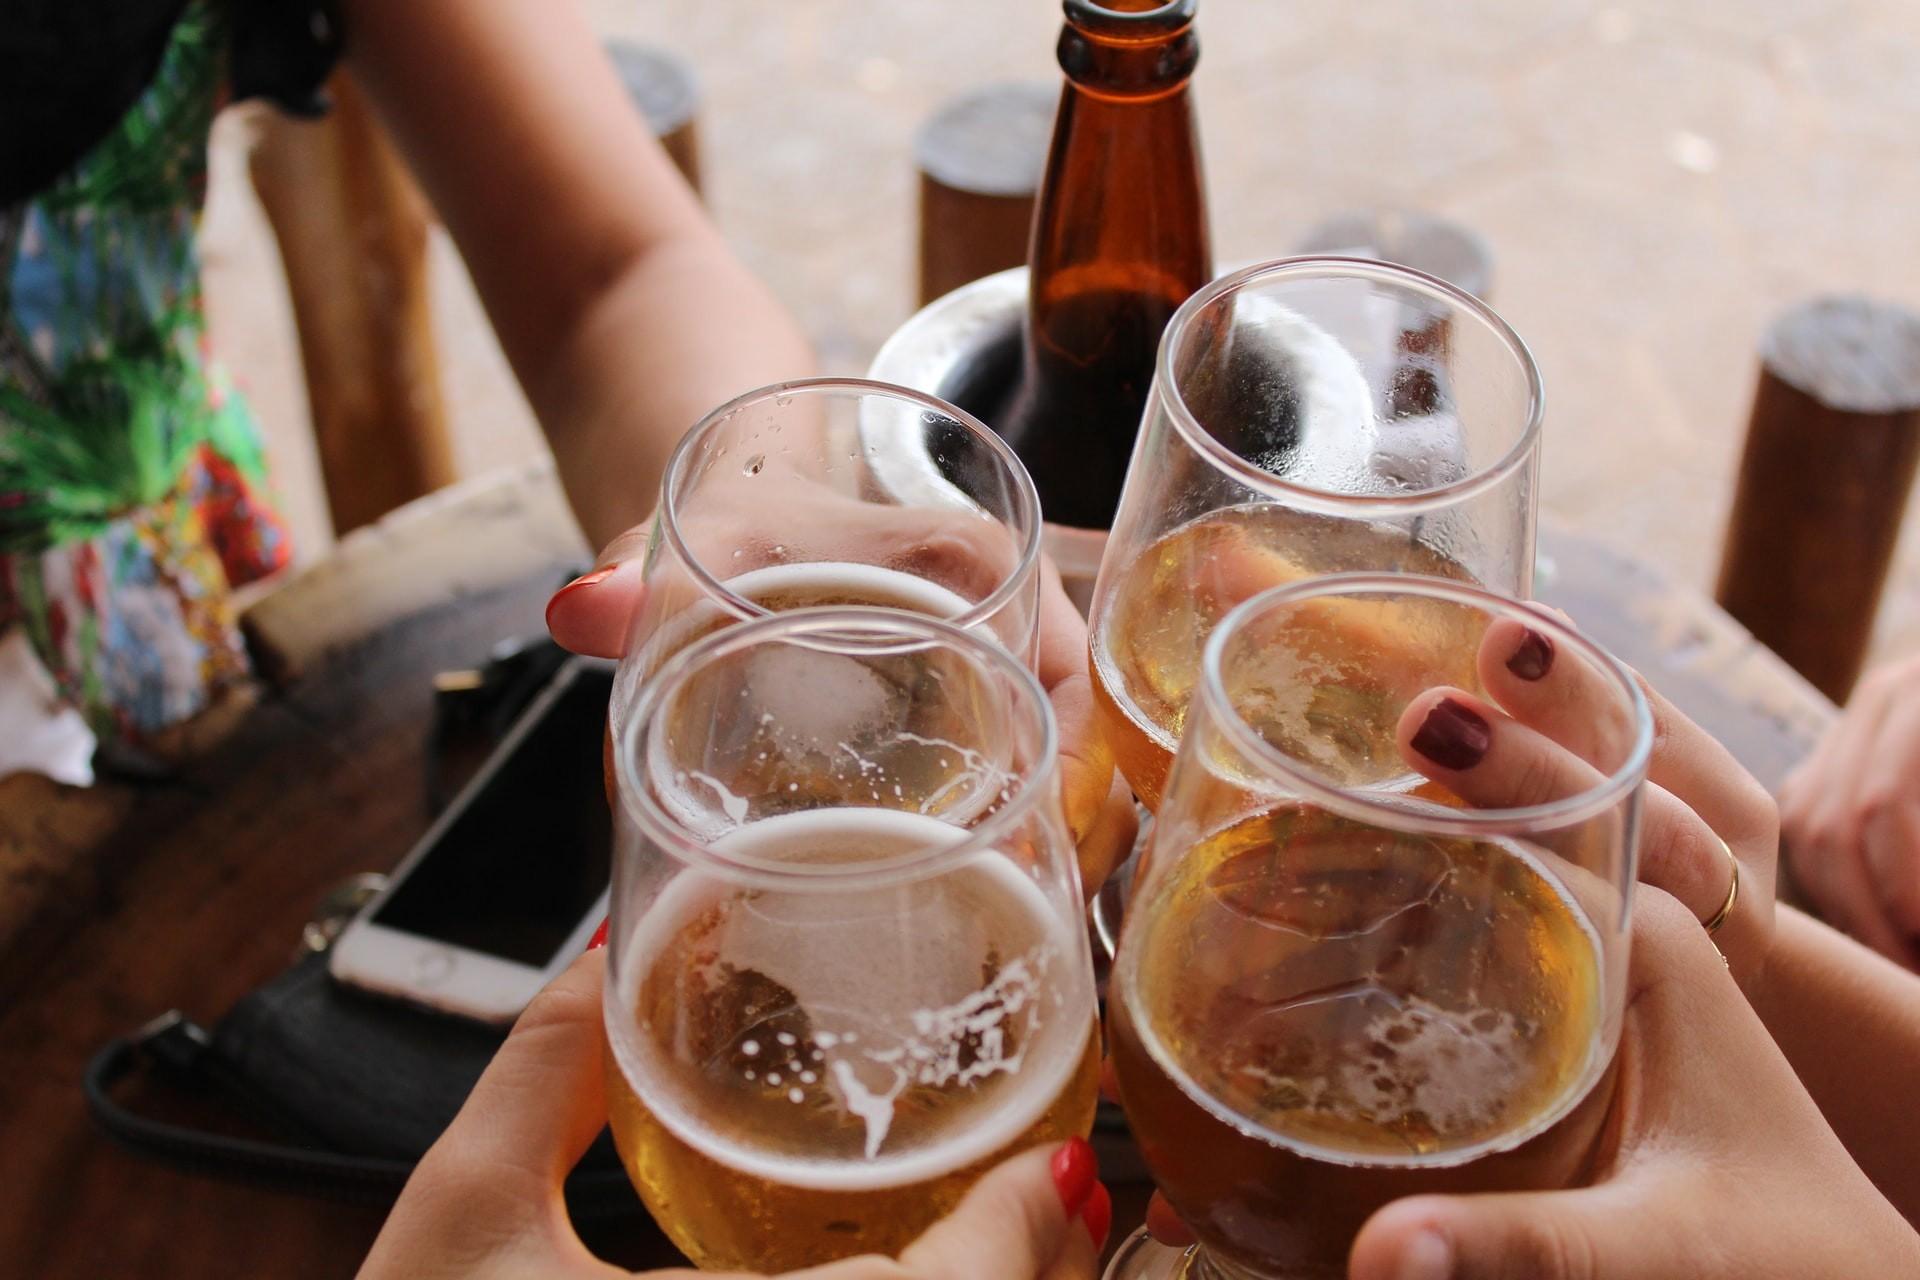 Consumo de bebidas alcoólicas no início da gravidez aumenta risco de aborto espontâneo (Foto: Giovanna Gomes/Unsplash)